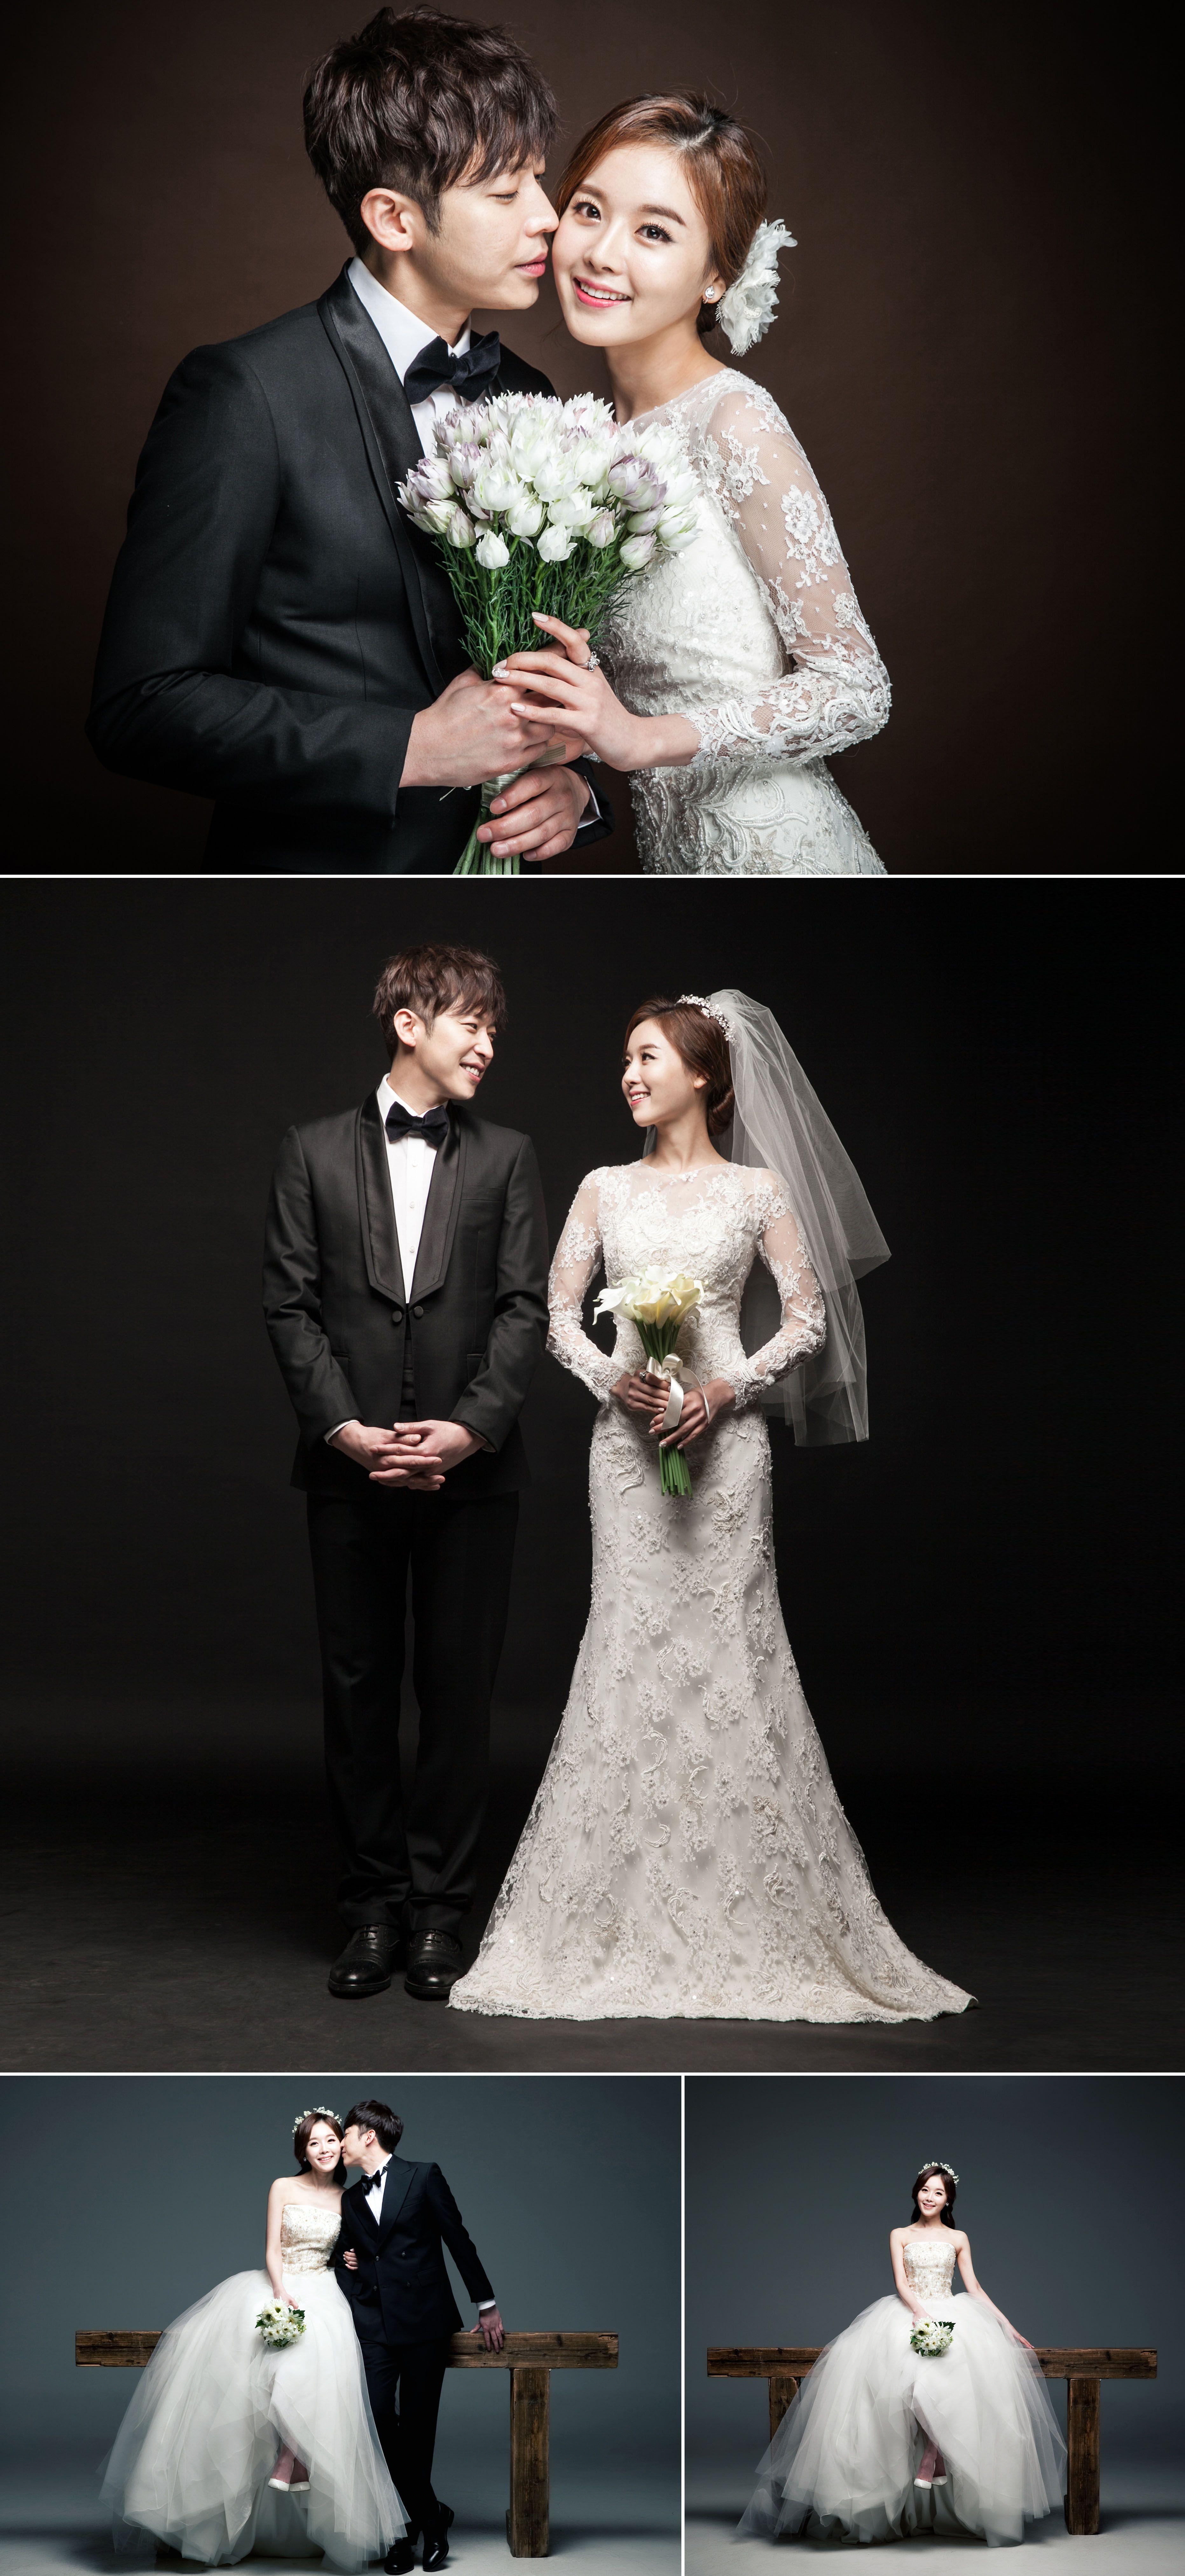 korean prewedding photography concepts wedding photo